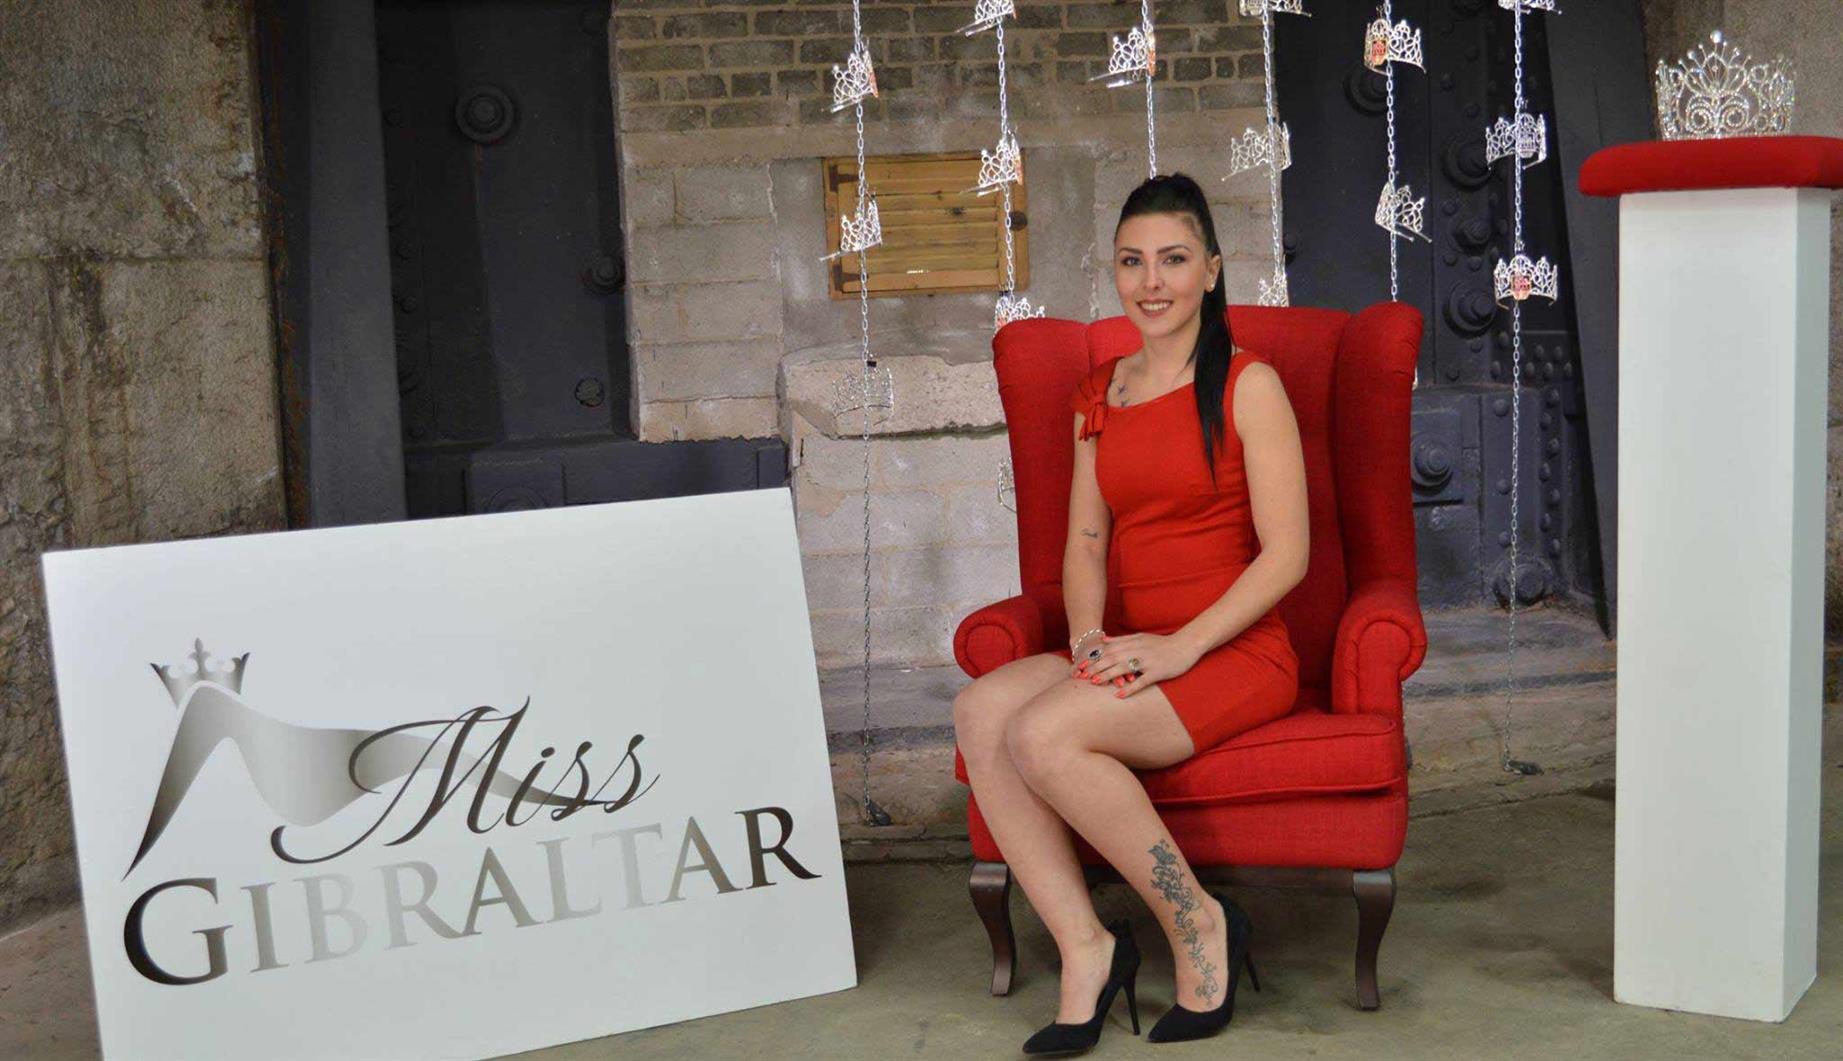 Miss Gibraltar 2018 finalist Jennifer Munoz